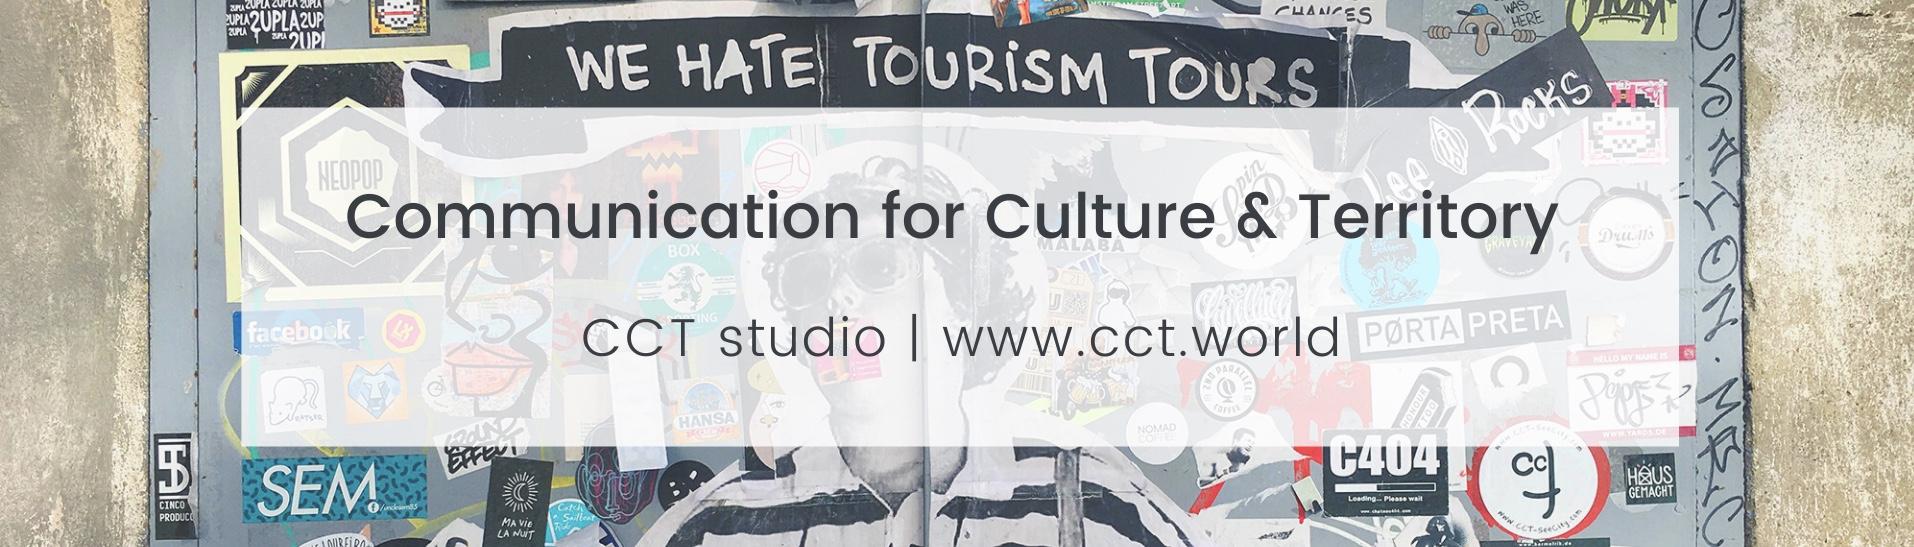 CCT studio